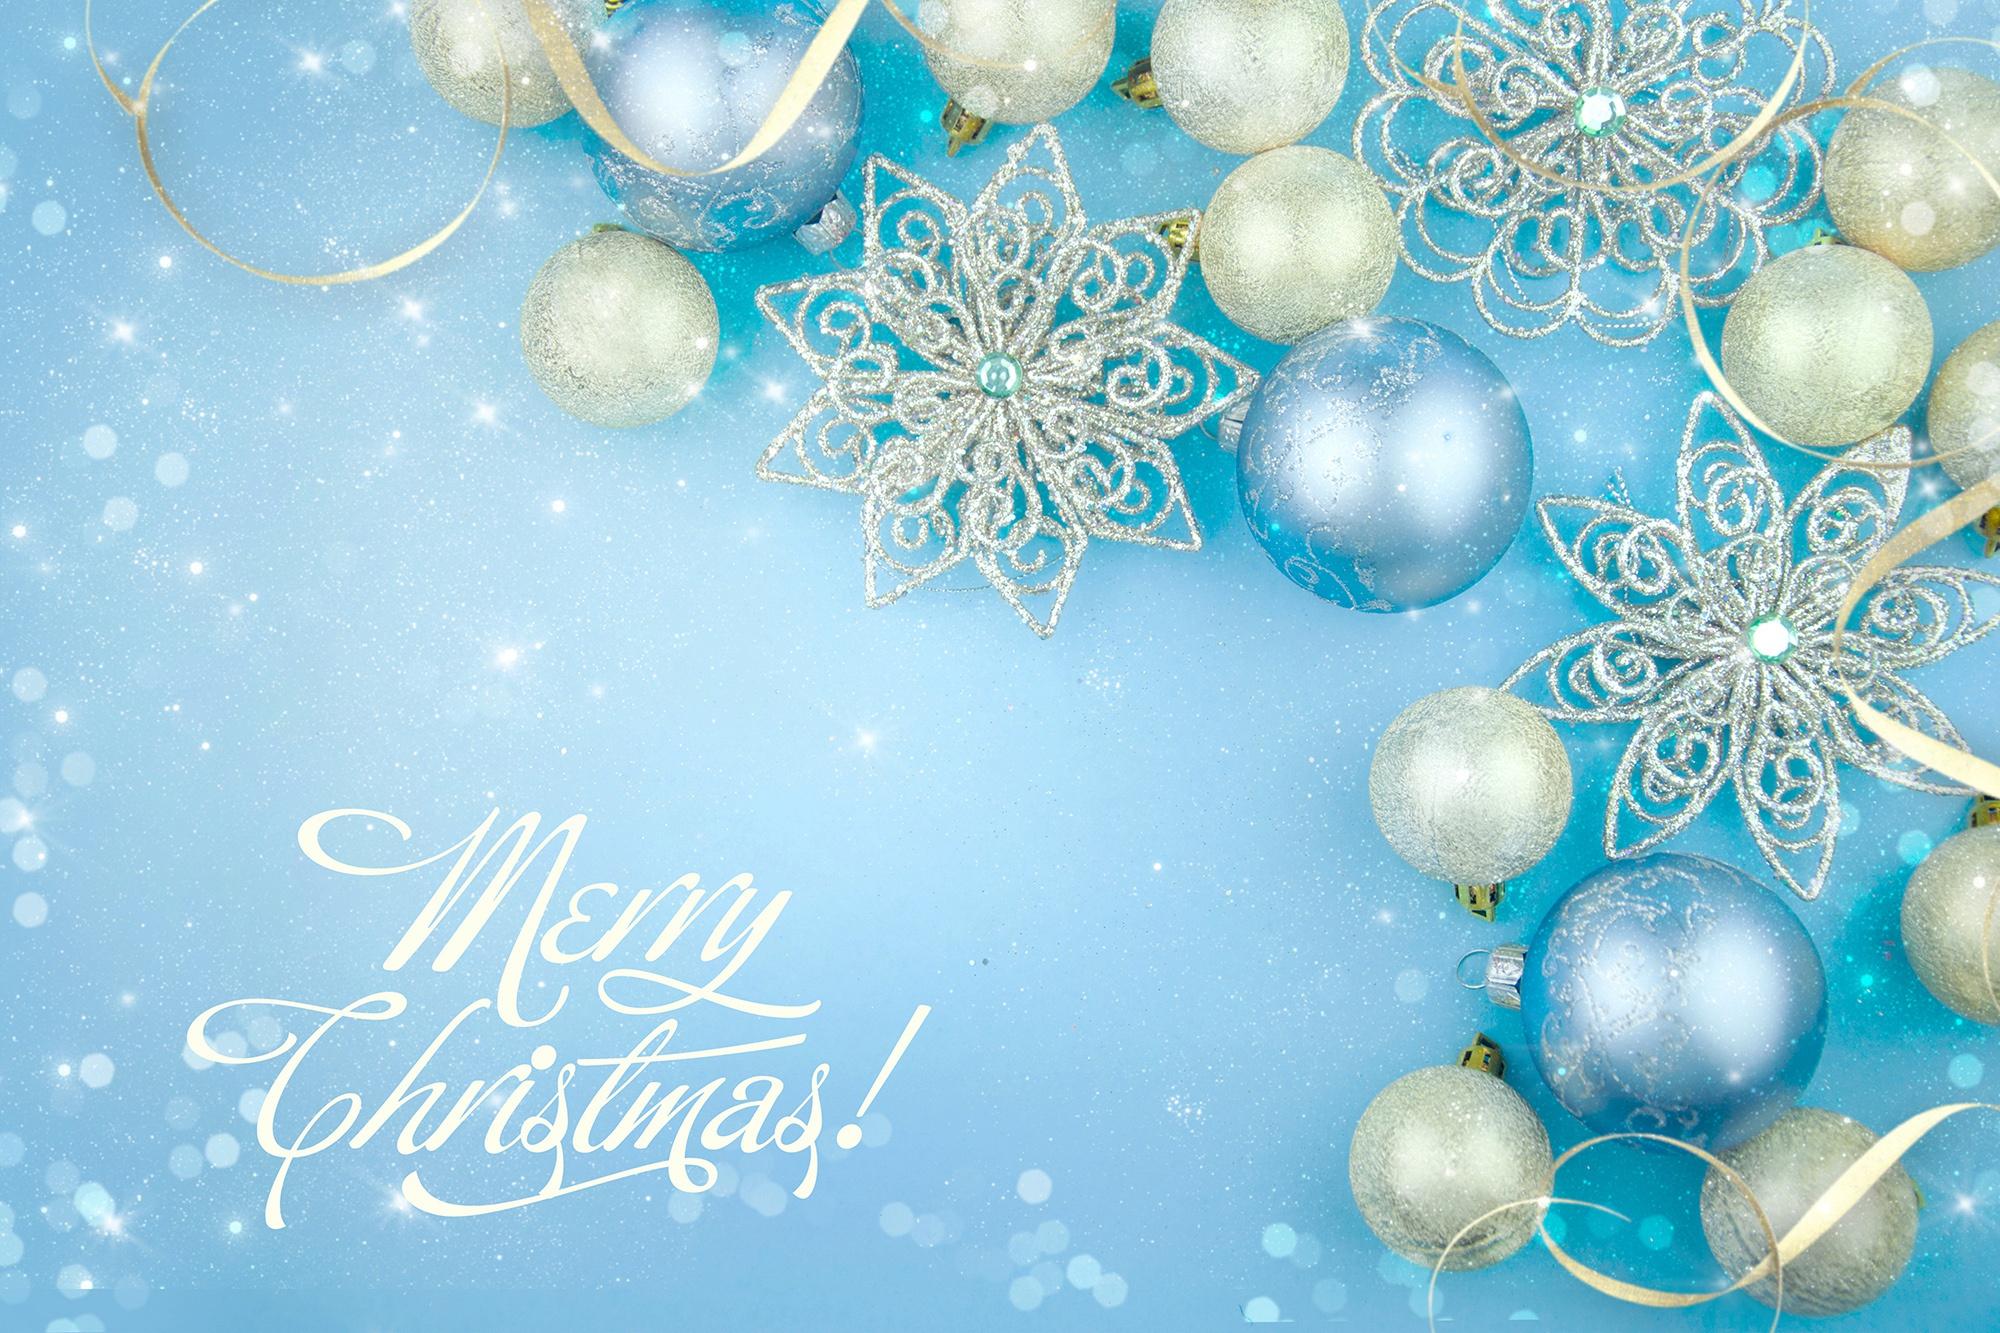 Новогодние открытки больших разрешений, днем